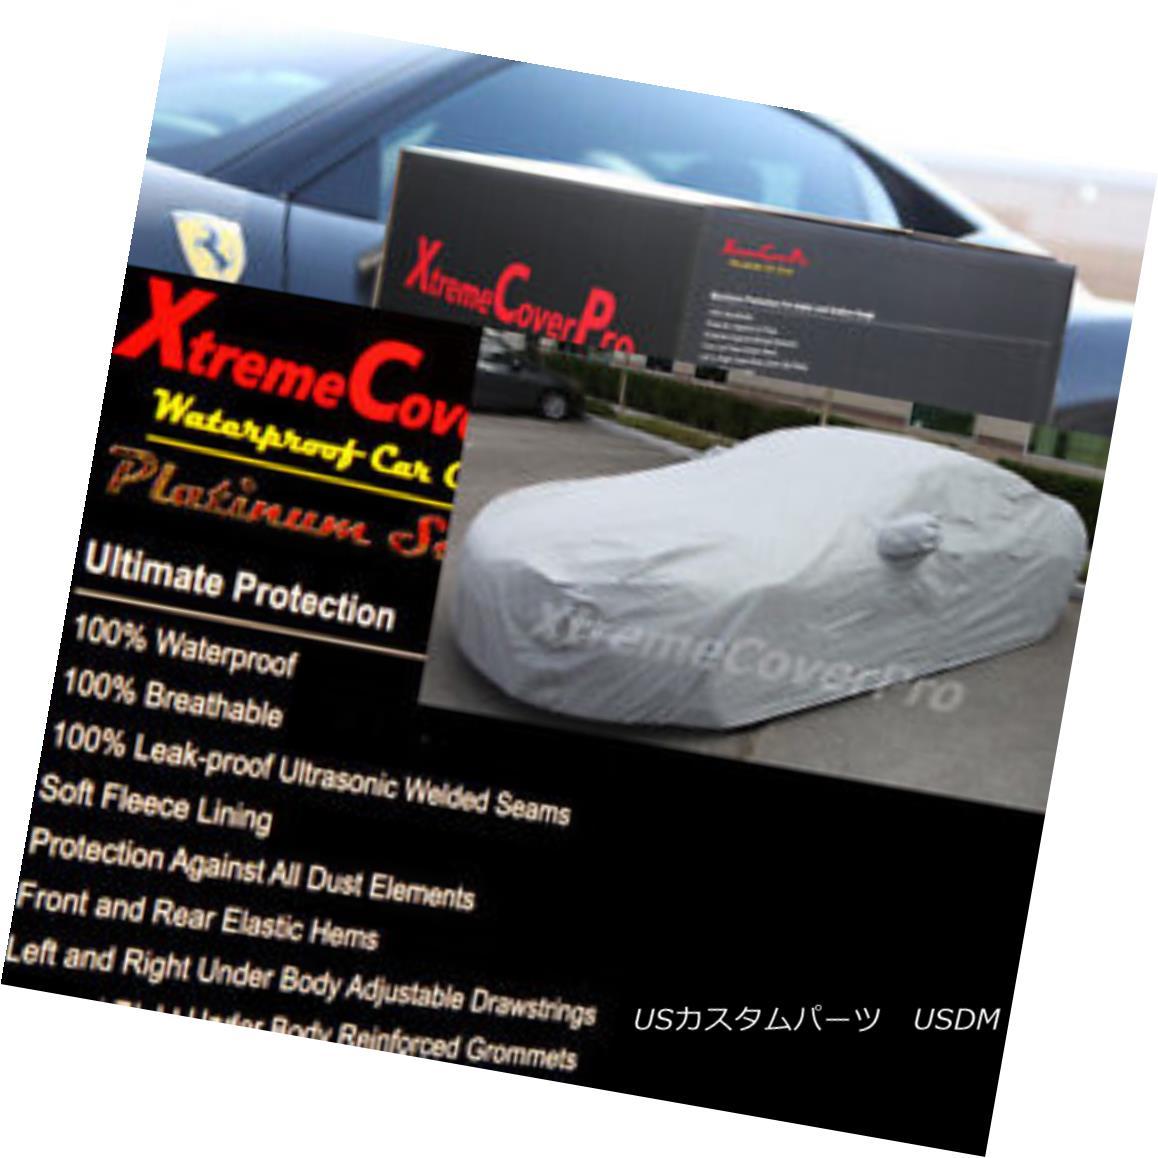 カーカバー 2005 2006 2007 Buick LaCrosse Waterproof Car Cover w/MirrorPocket 2005年2006年Buickラクロス防水カーカバー付きMirrorPocket